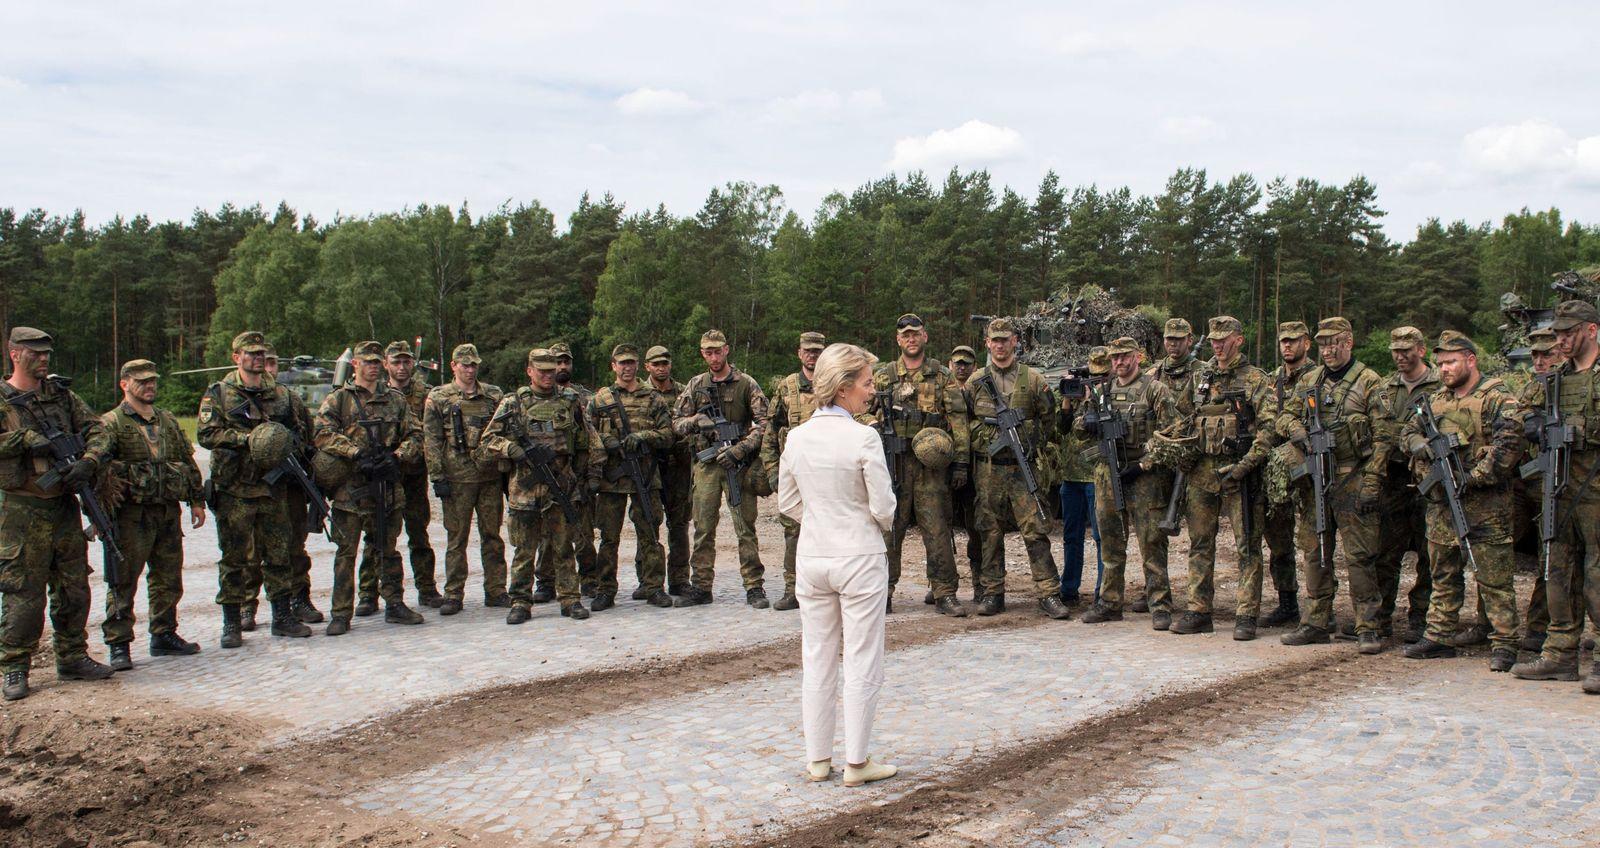 Bundeswehr/ Ursula von der Leyen